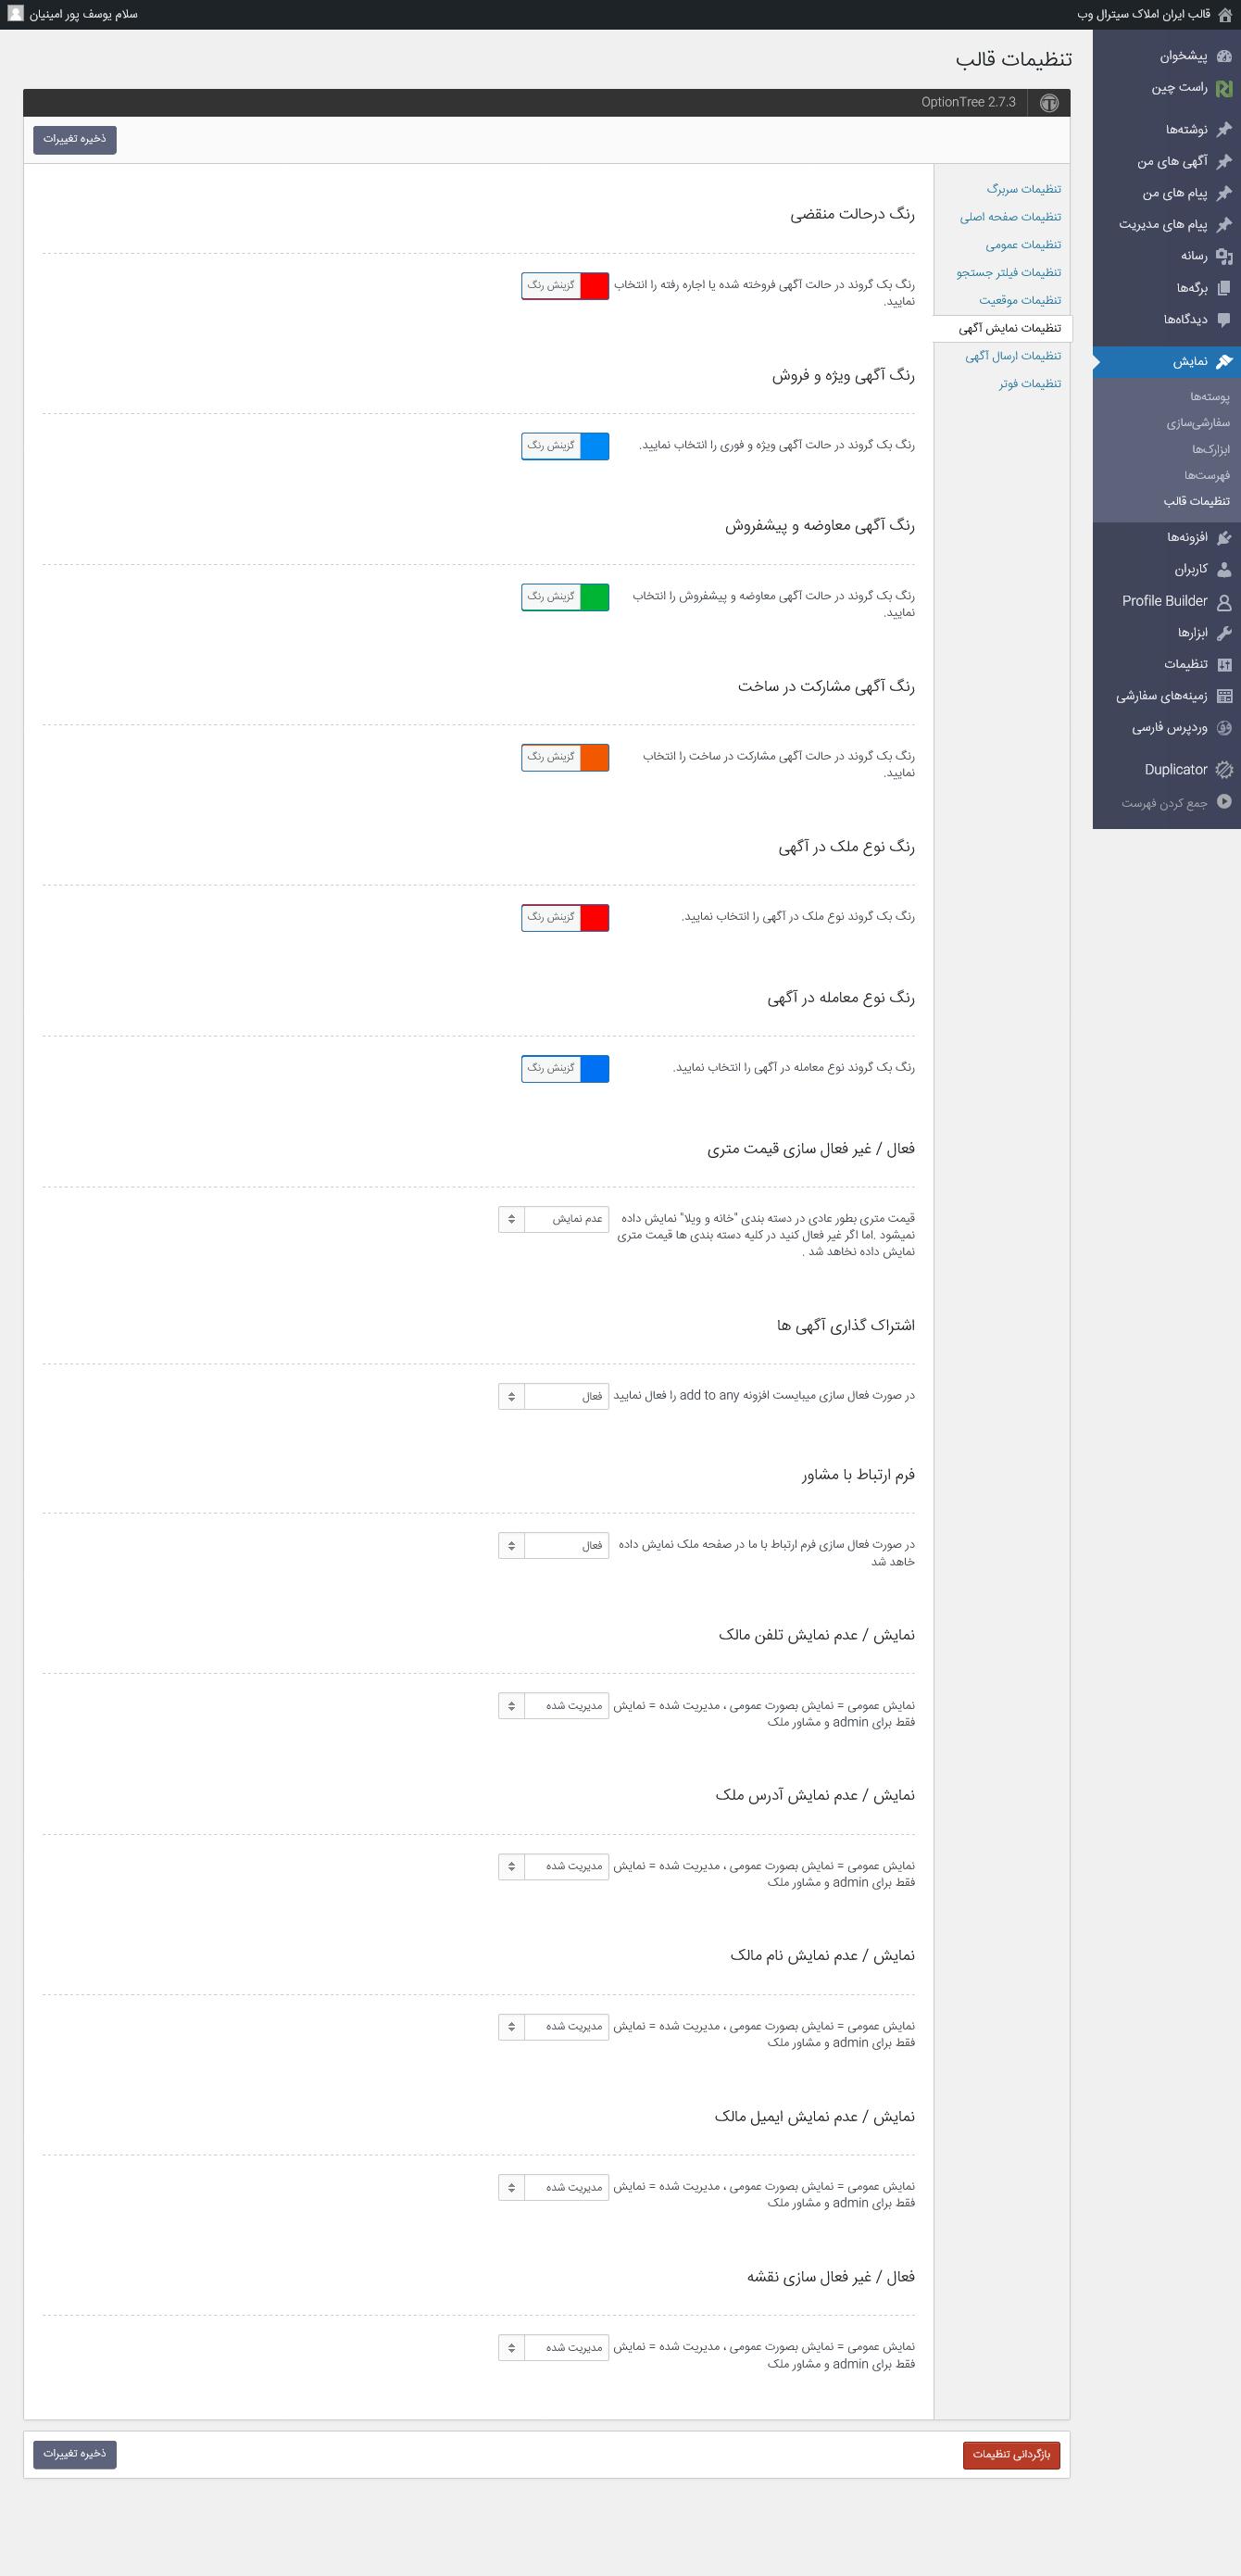 راه اندازی سایت املاک، تنظیمات نمایش آگهی در قالب ایران املاک